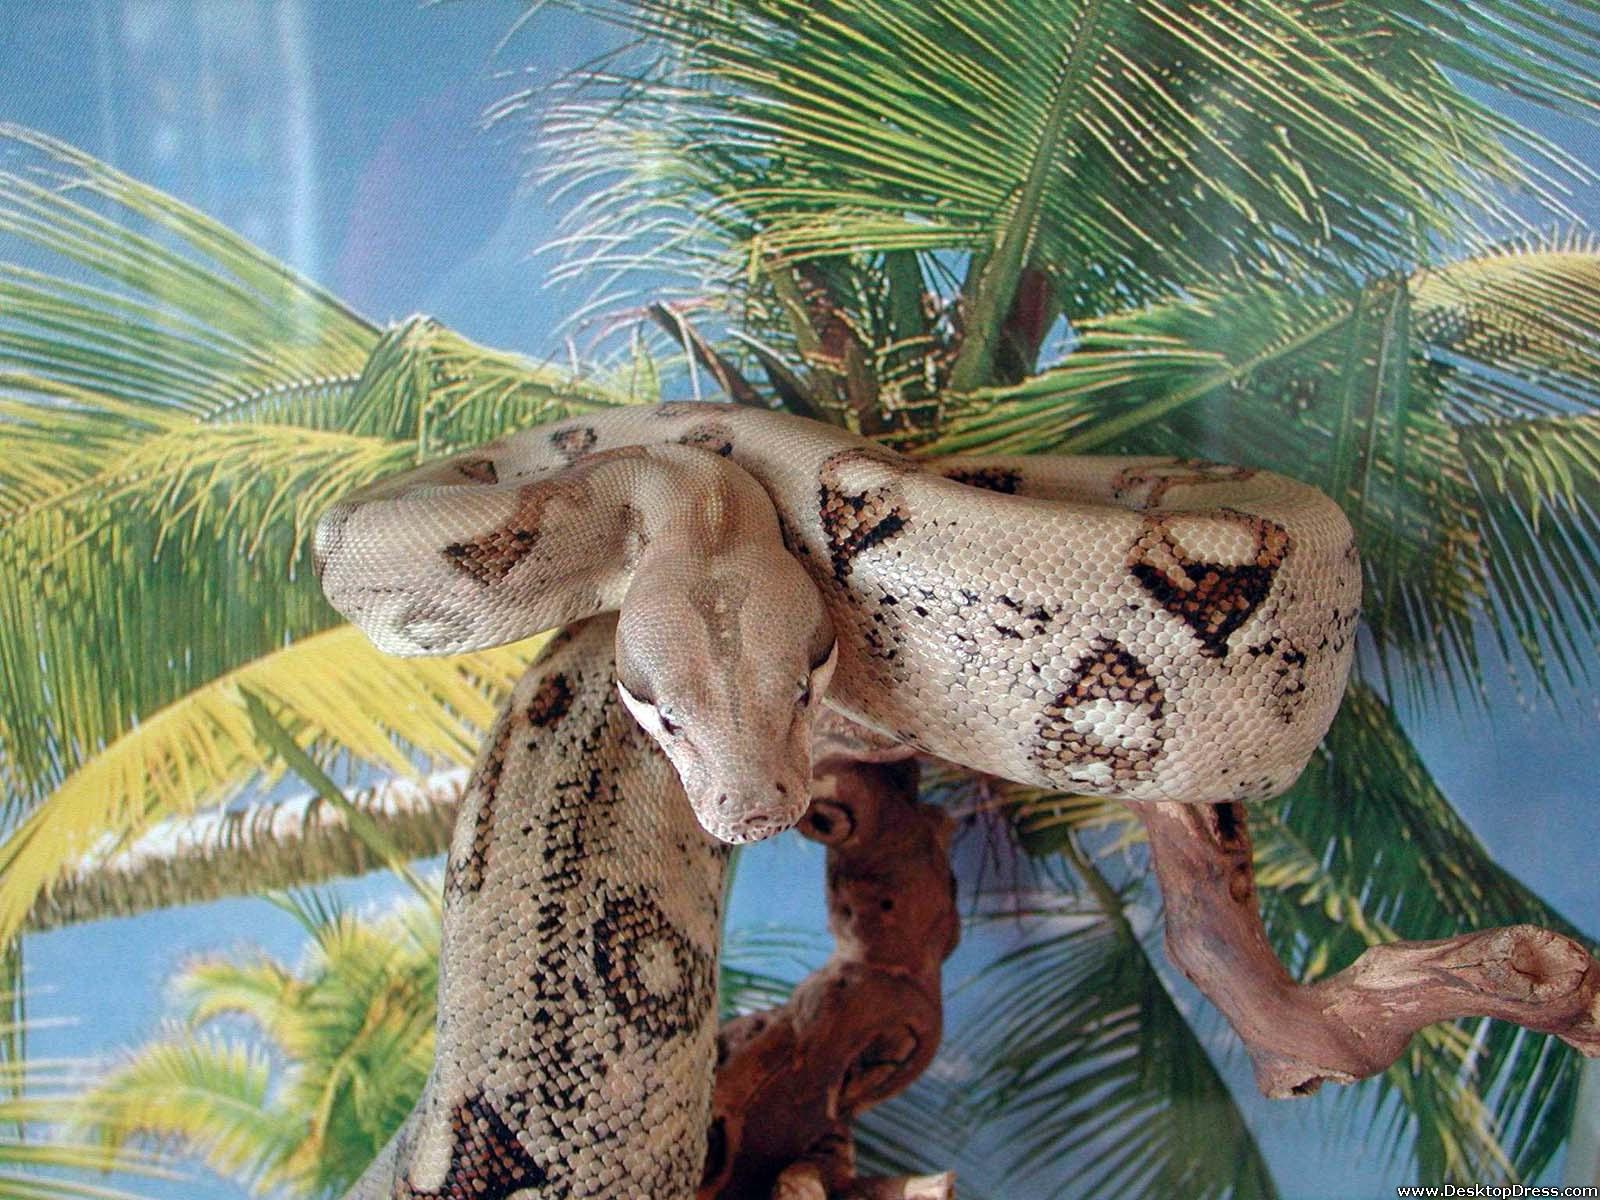 3d Wallpapers In Kenya Desktop Wallpapers 187 Animals Backgrounds 187 Big Snake 187 Www